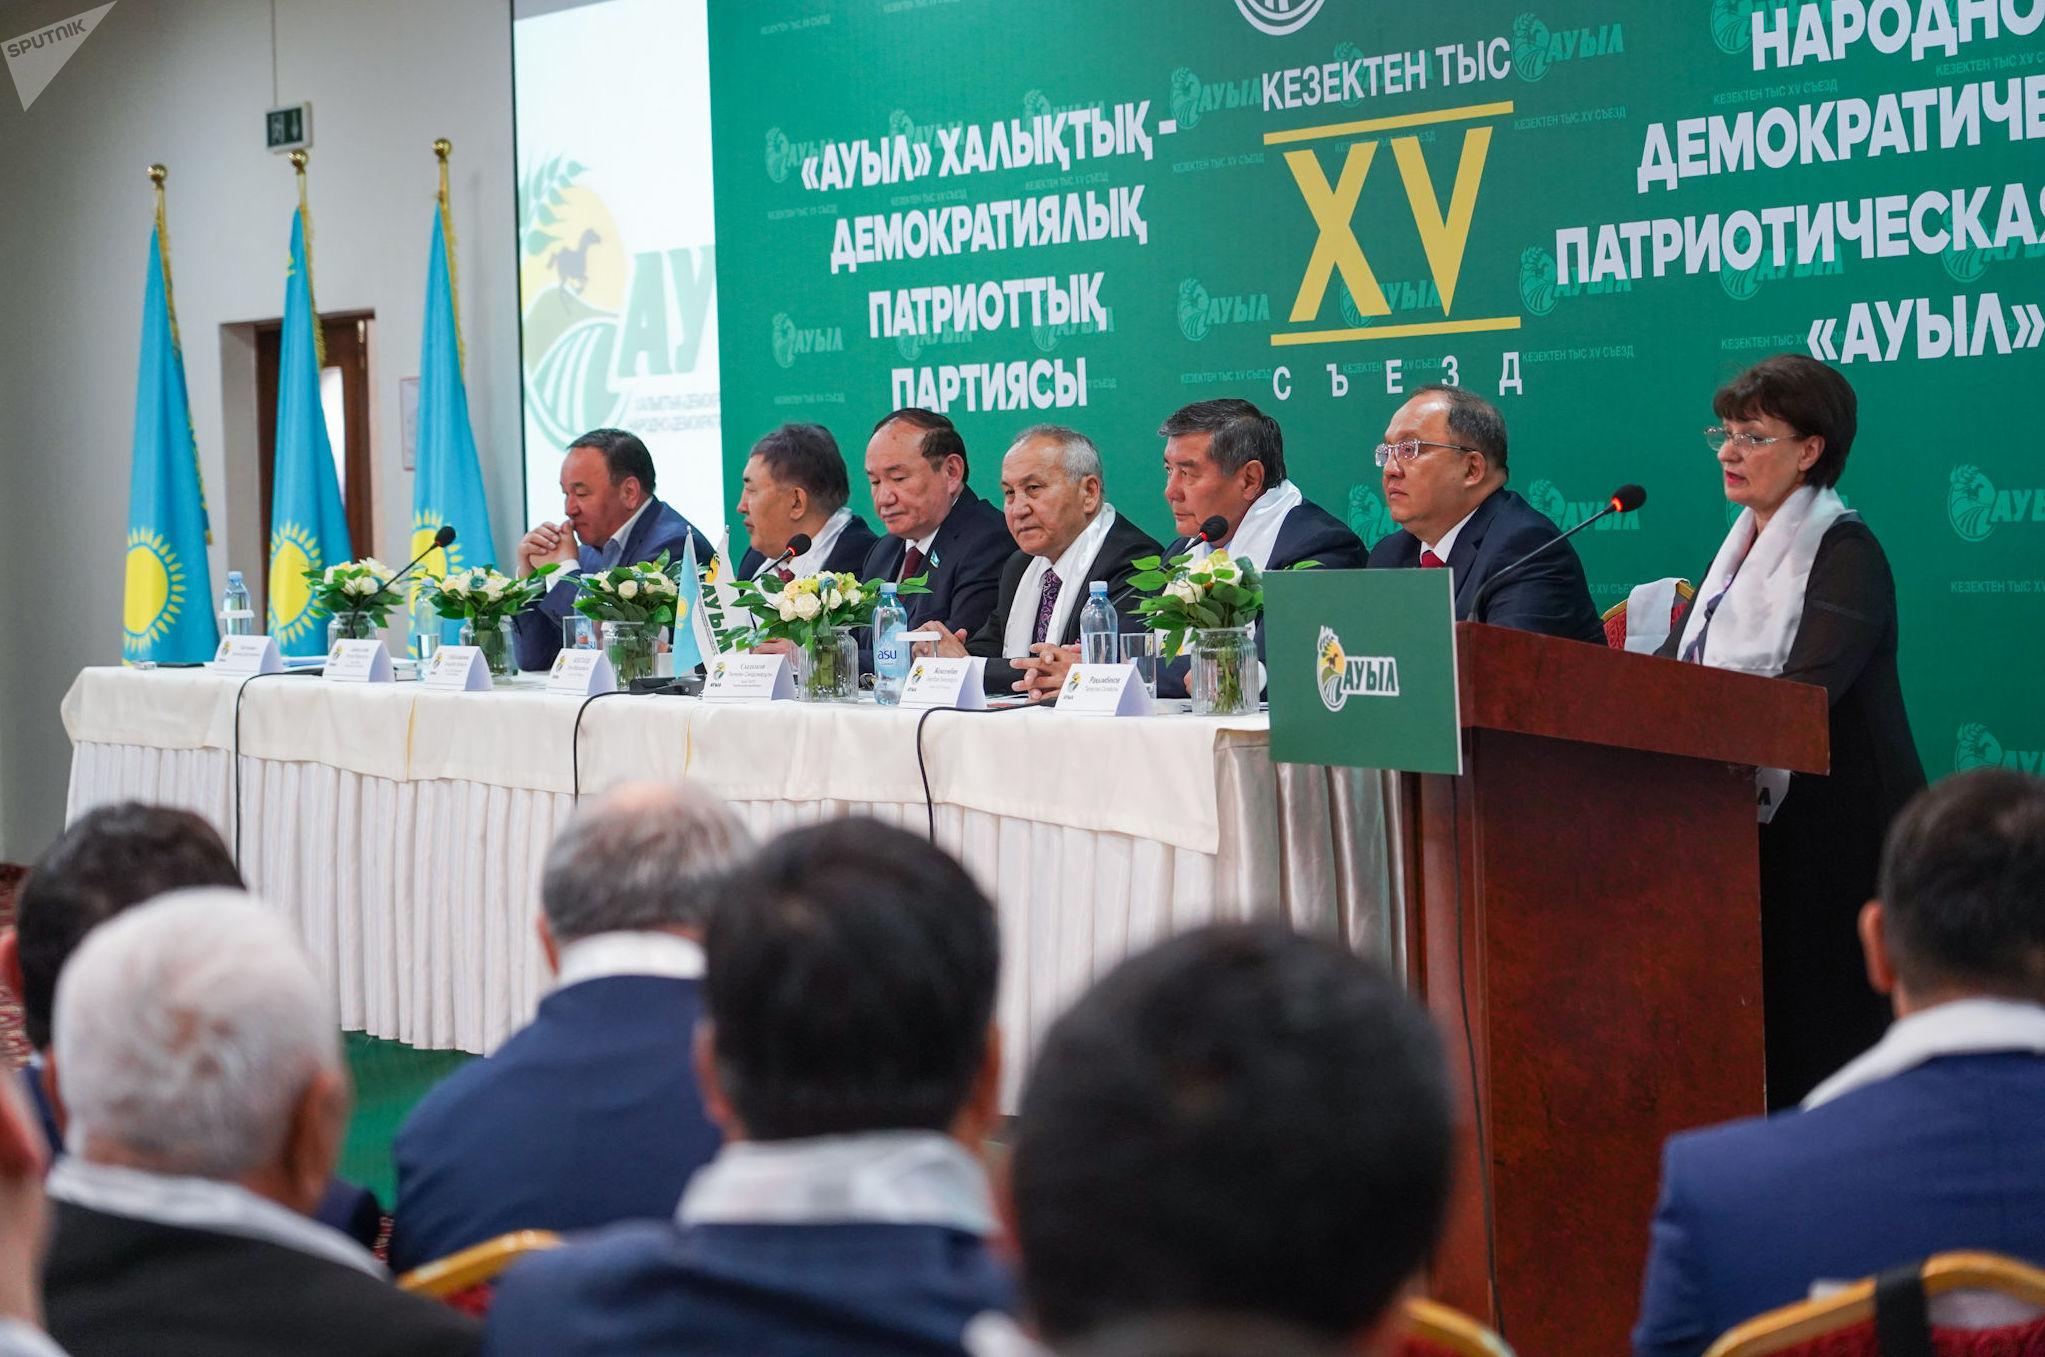 XV внеочередной съезд народно-демократической патриотической партии Ауыл